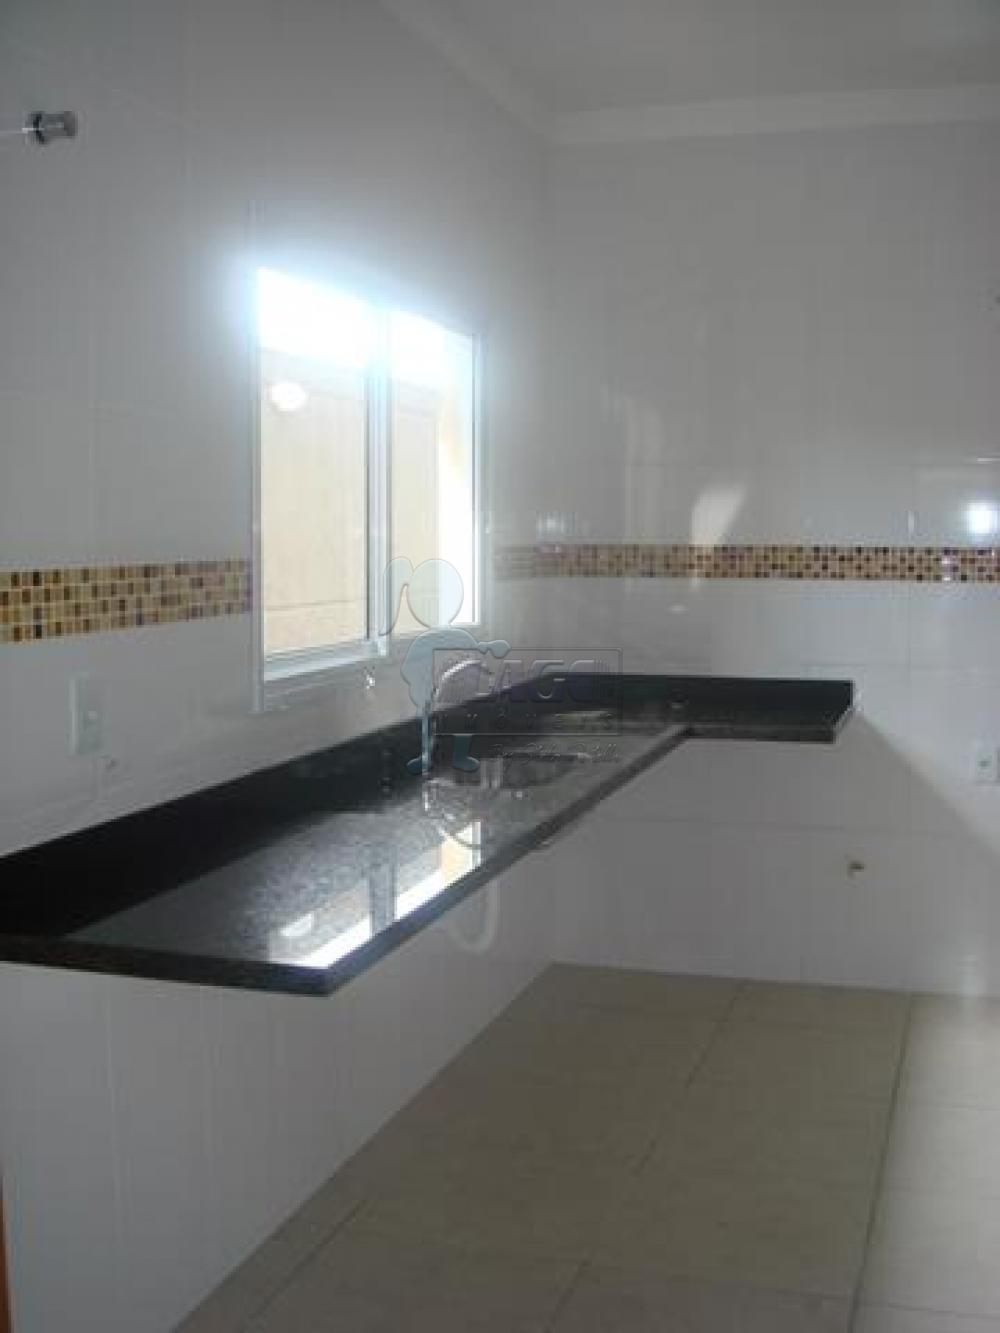 Comprar Casas / Padrão em Bonfim Paulista apenas R$ 500.000,00 - Foto 16